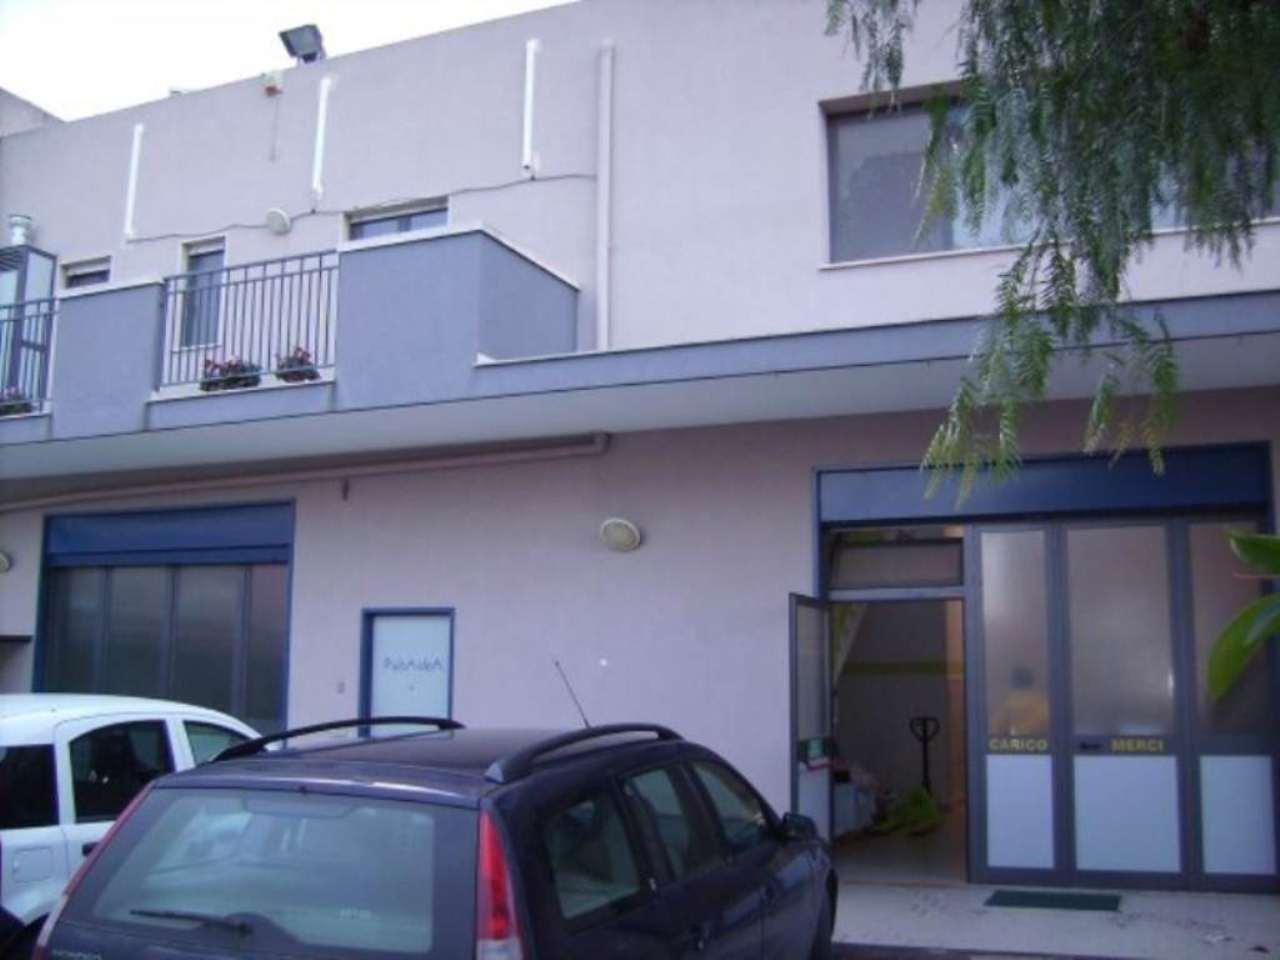 Capannone in vendita a Bisceglie, 9999 locali, prezzo € 650.000 | Cambio Casa.it